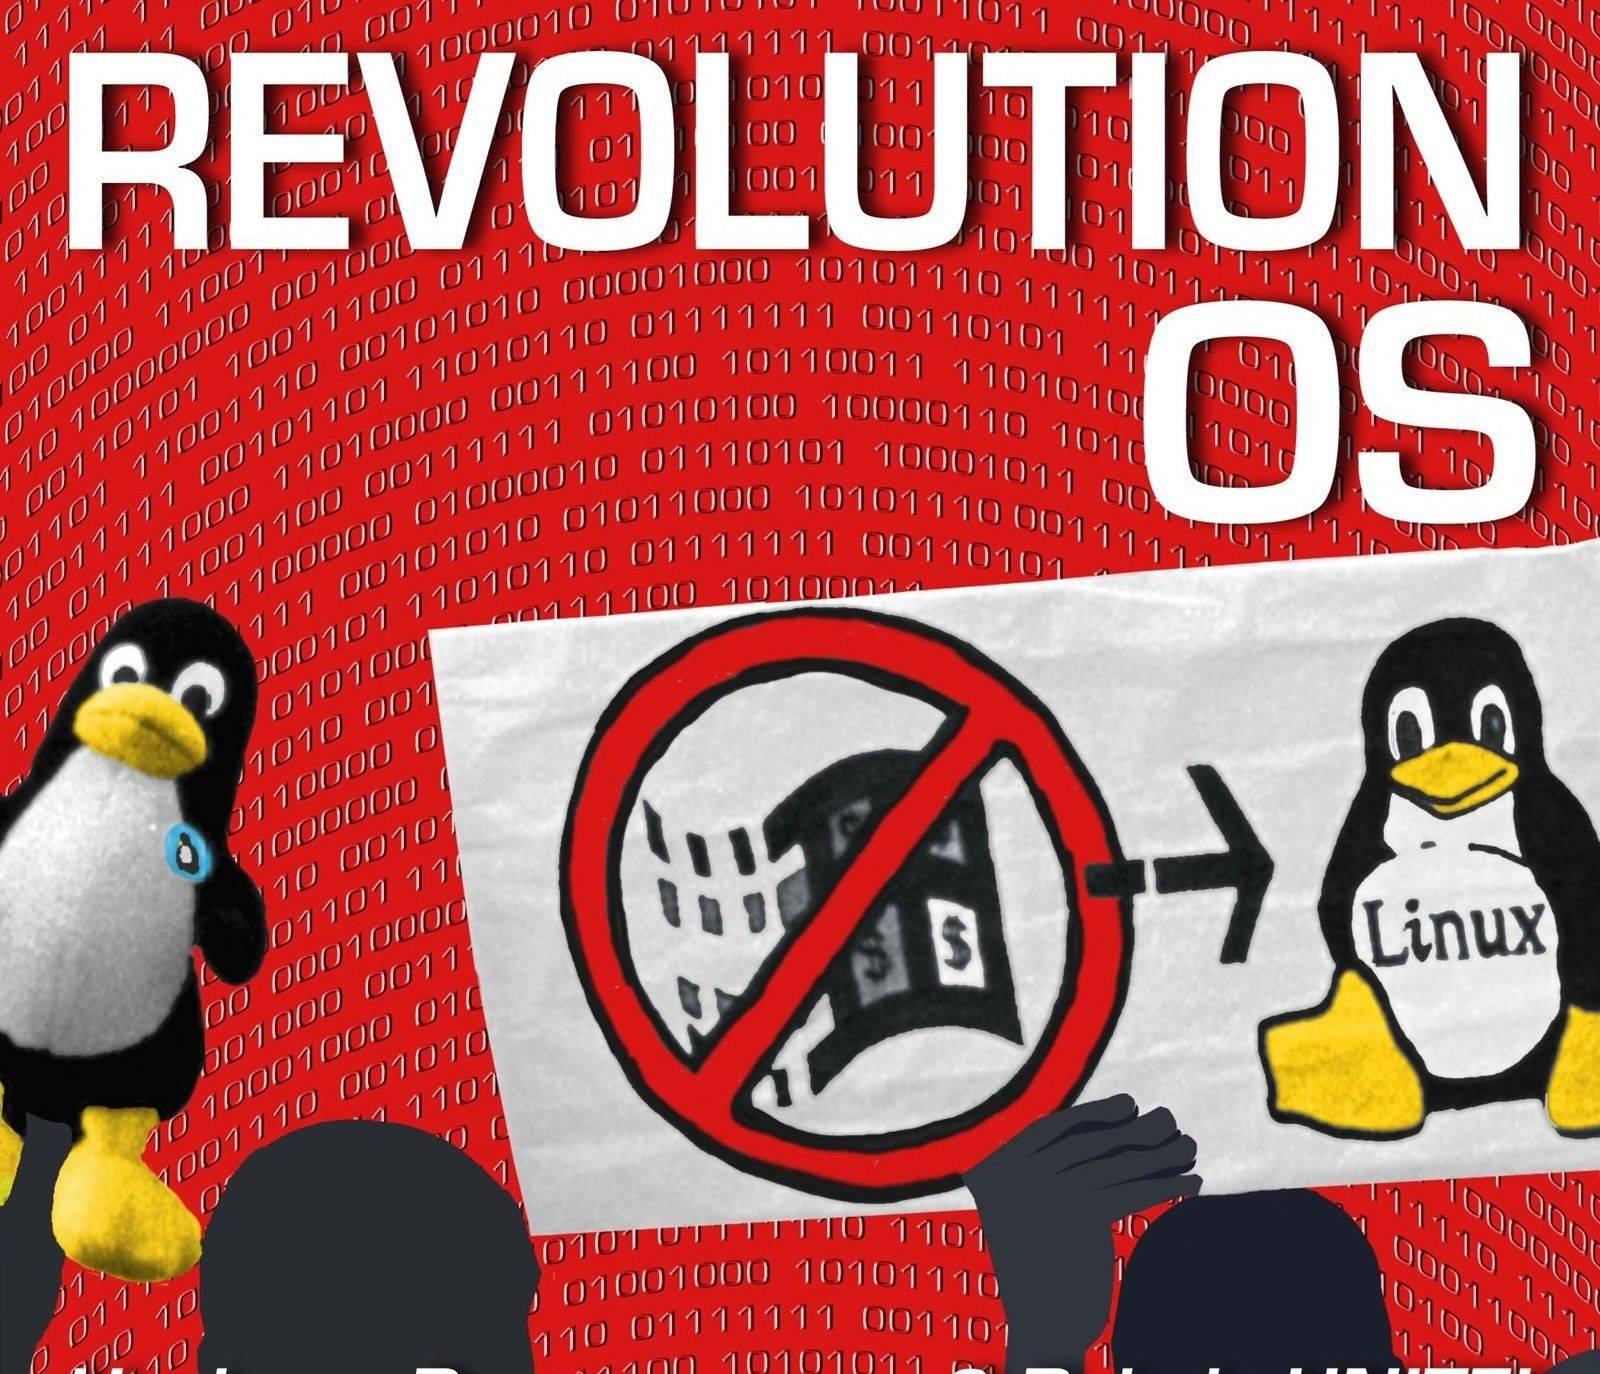 revolution-os.21244-e1439090058214 (2).jpg